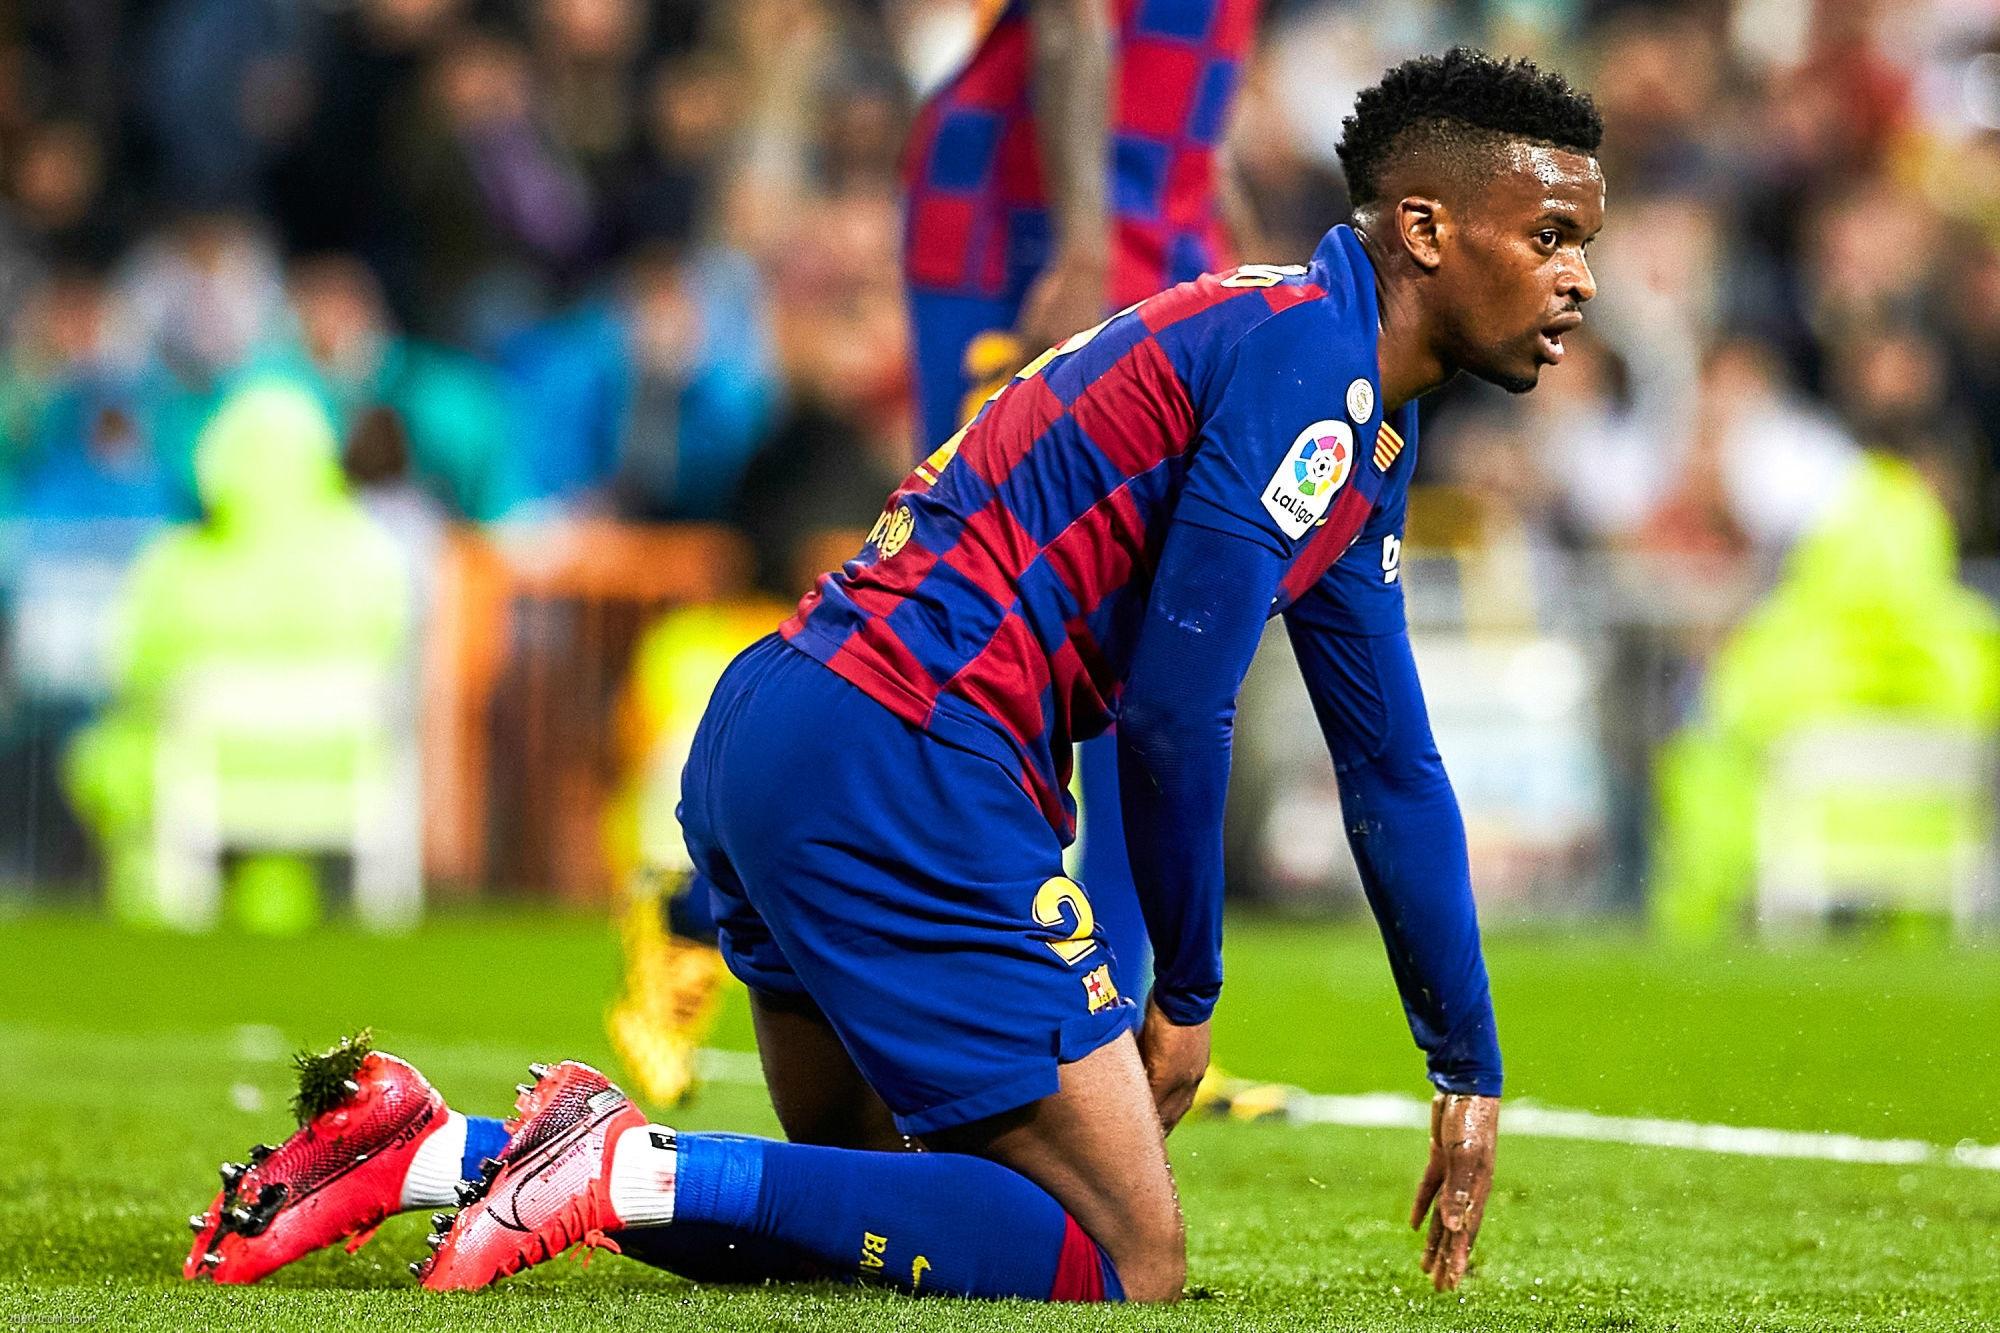 Mercato - Semedo, le PSG de nouveau cité parmi les clubs intéressés